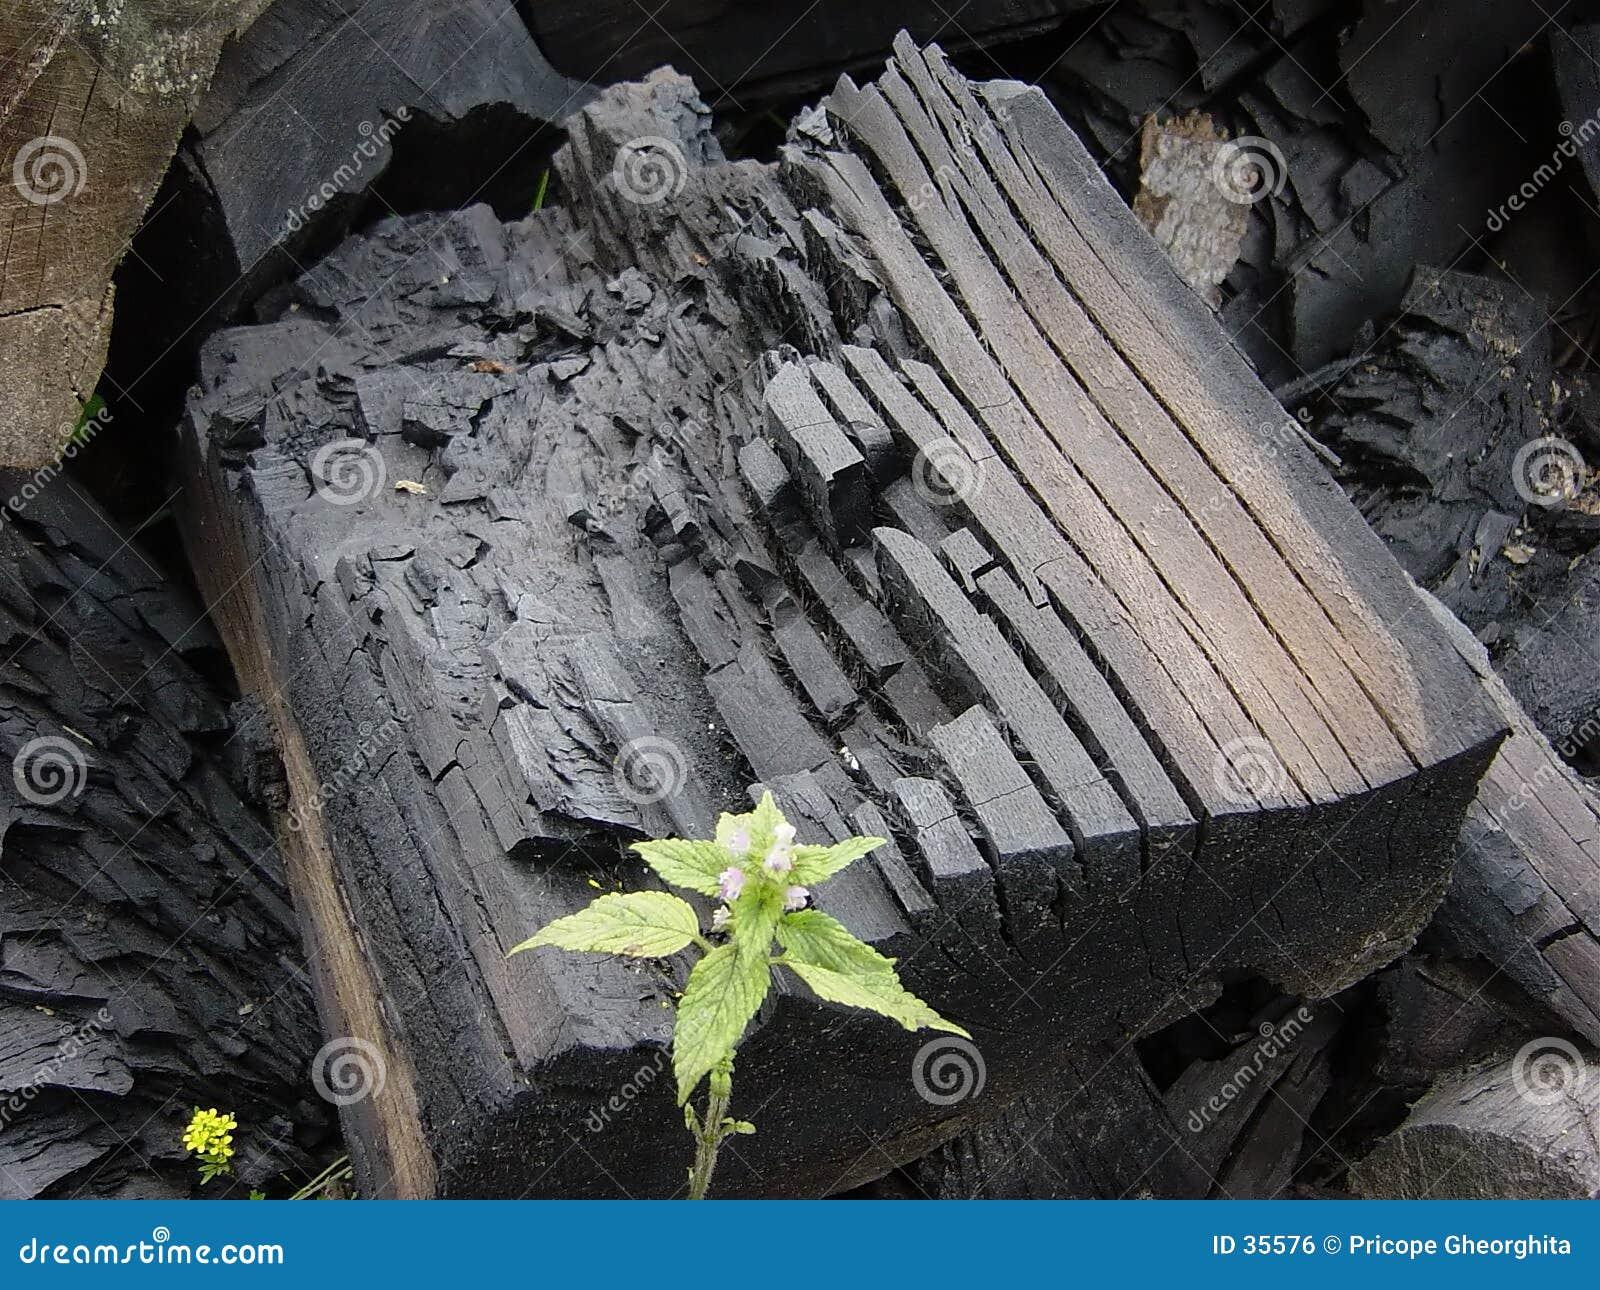 Coal charring